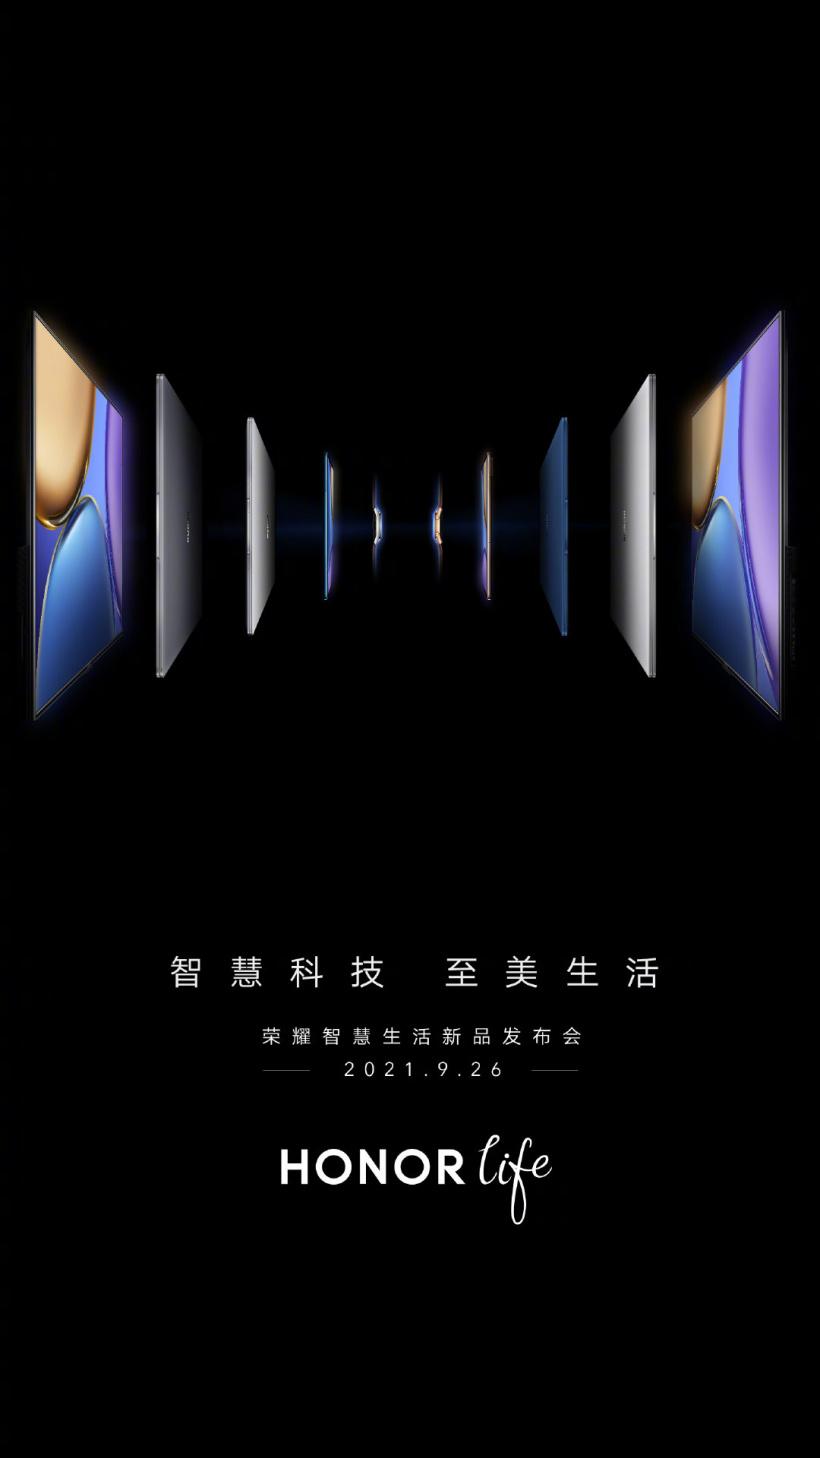 荣耀智慧生活新品发布会定档 9 月 26 日,有望发布荣耀手表 GS 3 等多款新品